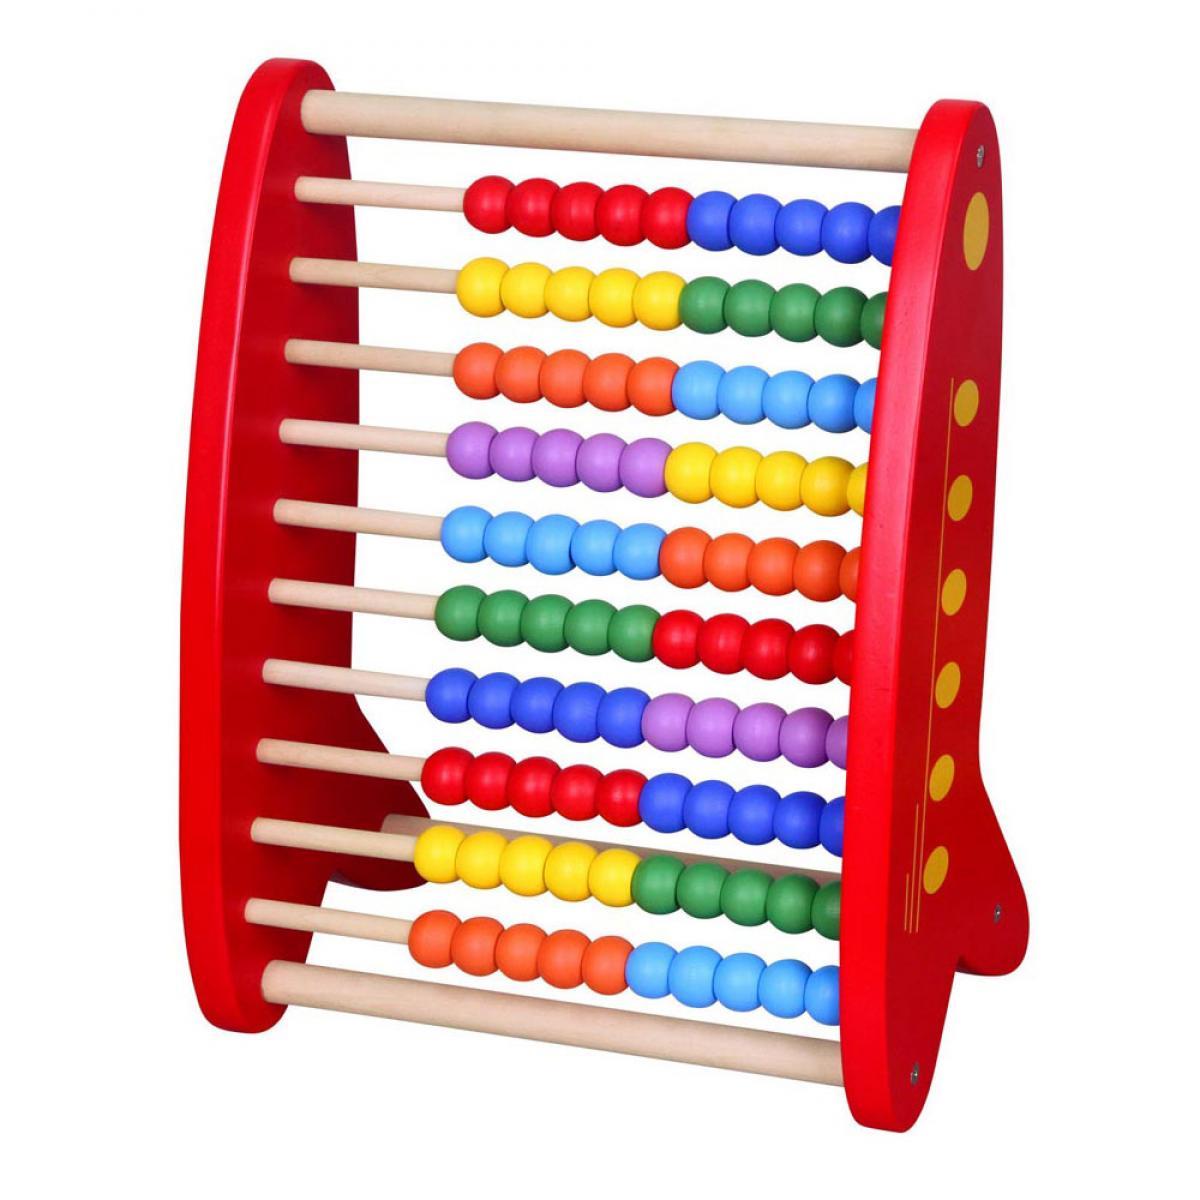 Червено дървено сметало от Viga toys- Wooden Abacus-bellamiestore